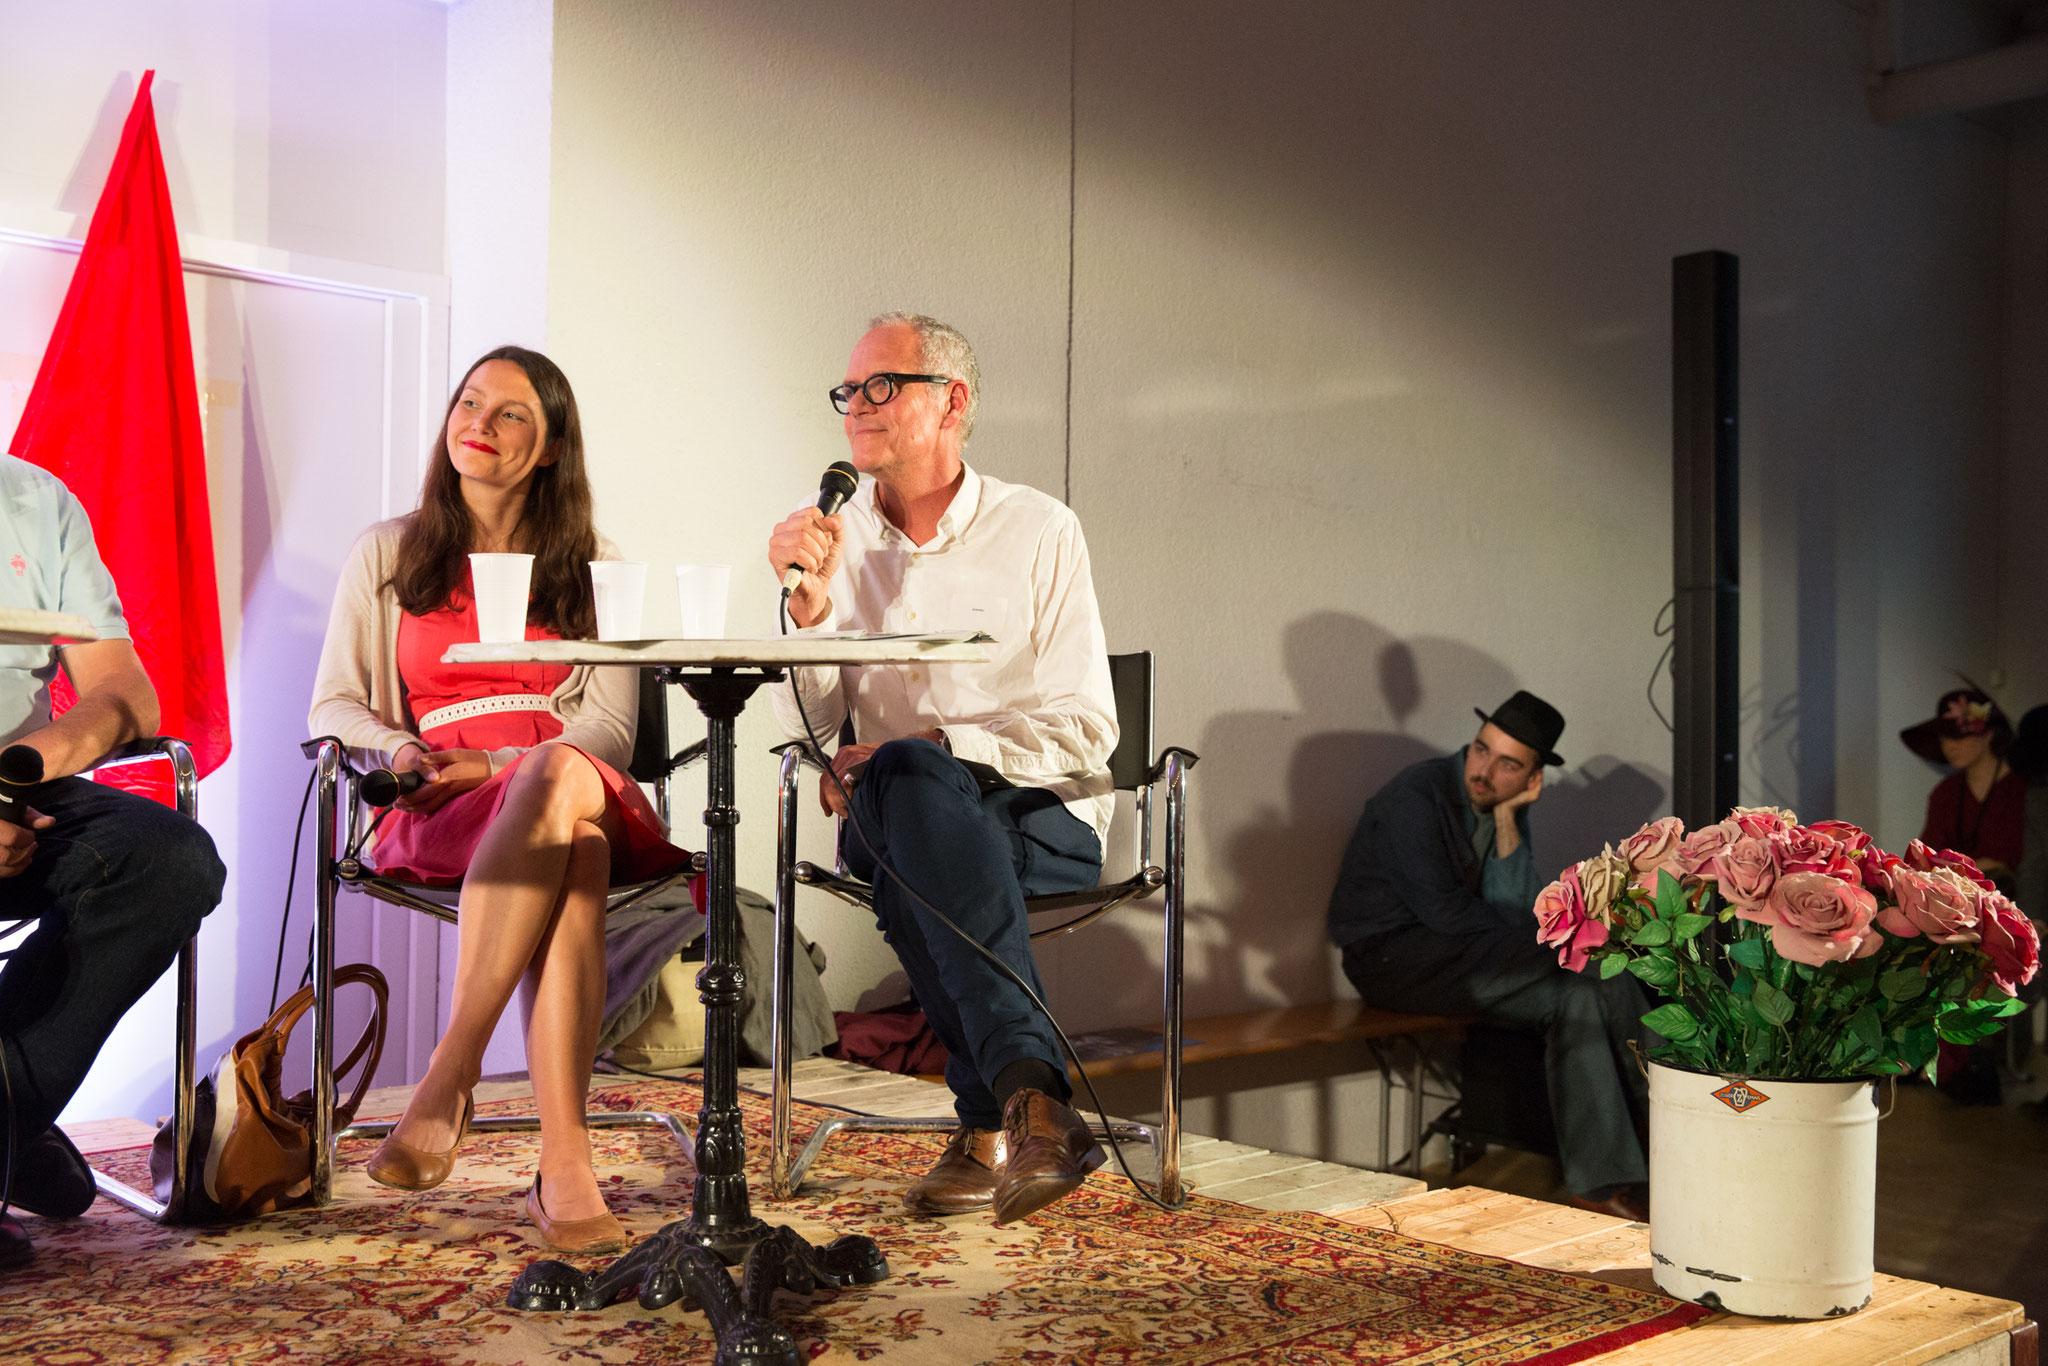 Miriam Gantert (Impact Hub Bern)